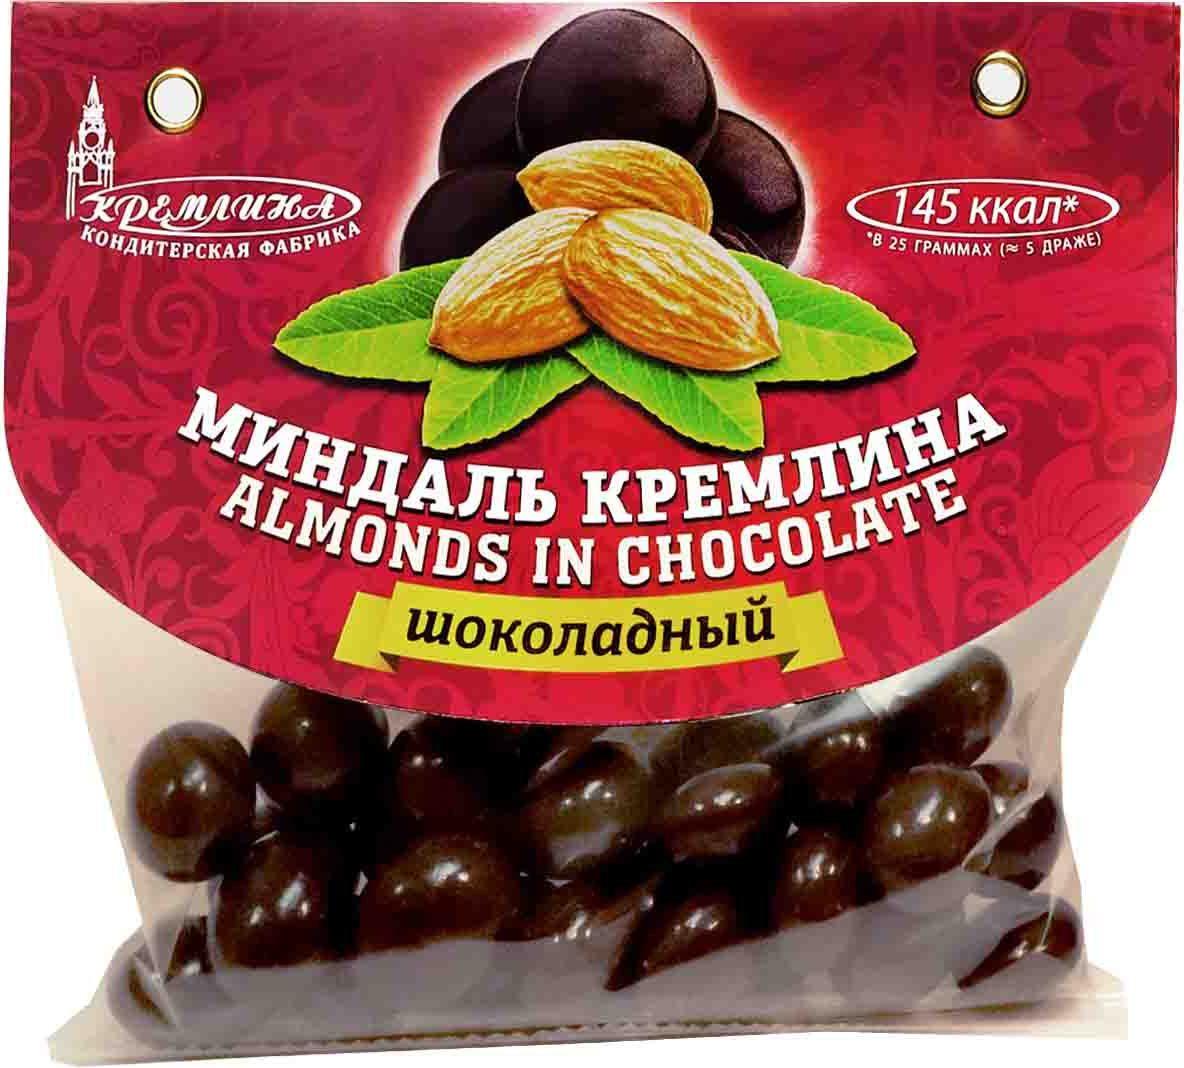 Миндаль Кремлина в шоколаде, 135 г кремлина московские тайны ассорти из фруктов в шоколаде 240 г